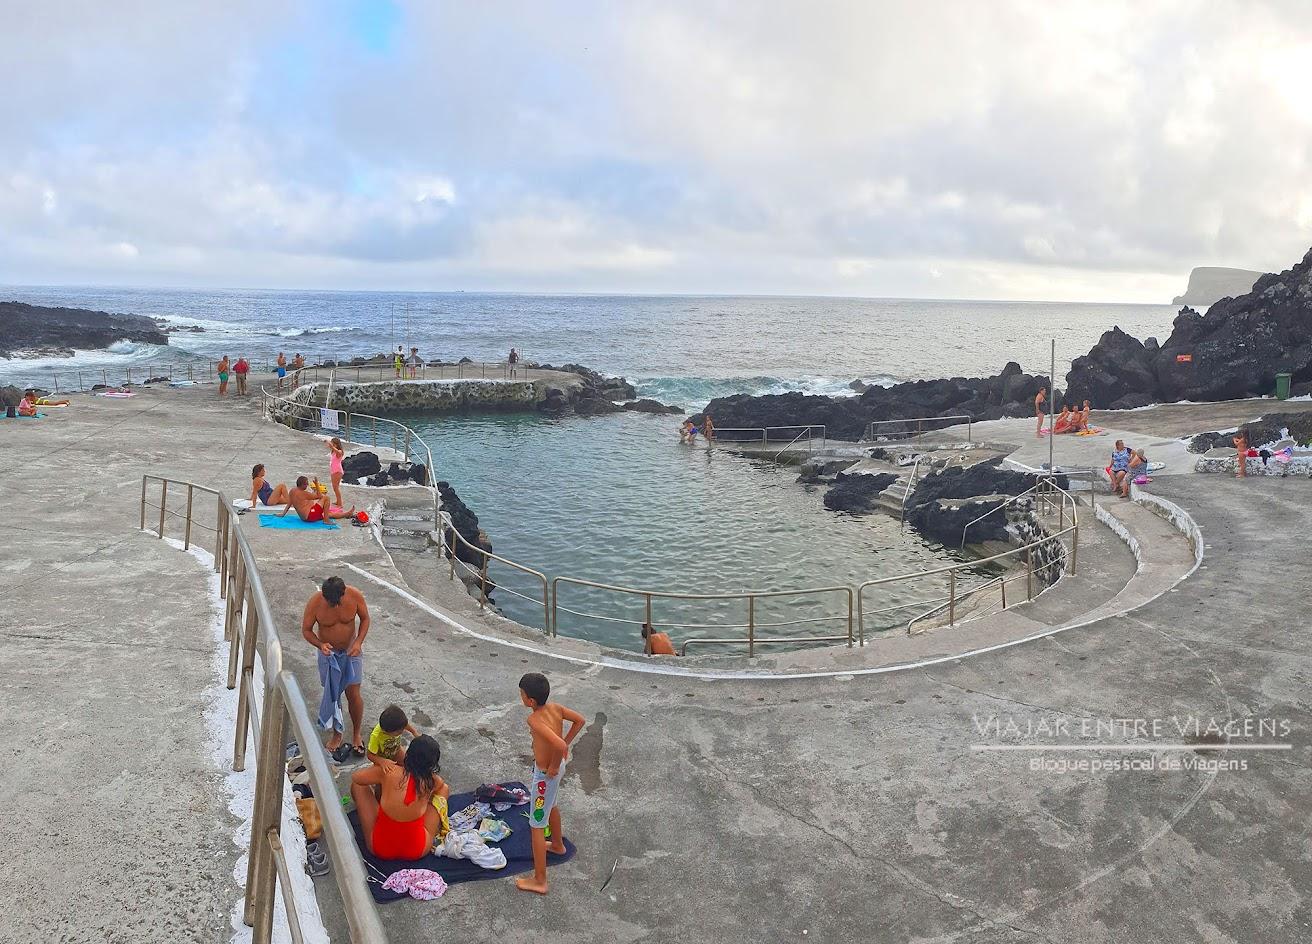 Aproveitar as belas piscinas naturais de Porto Judeu, na ilha Terceira